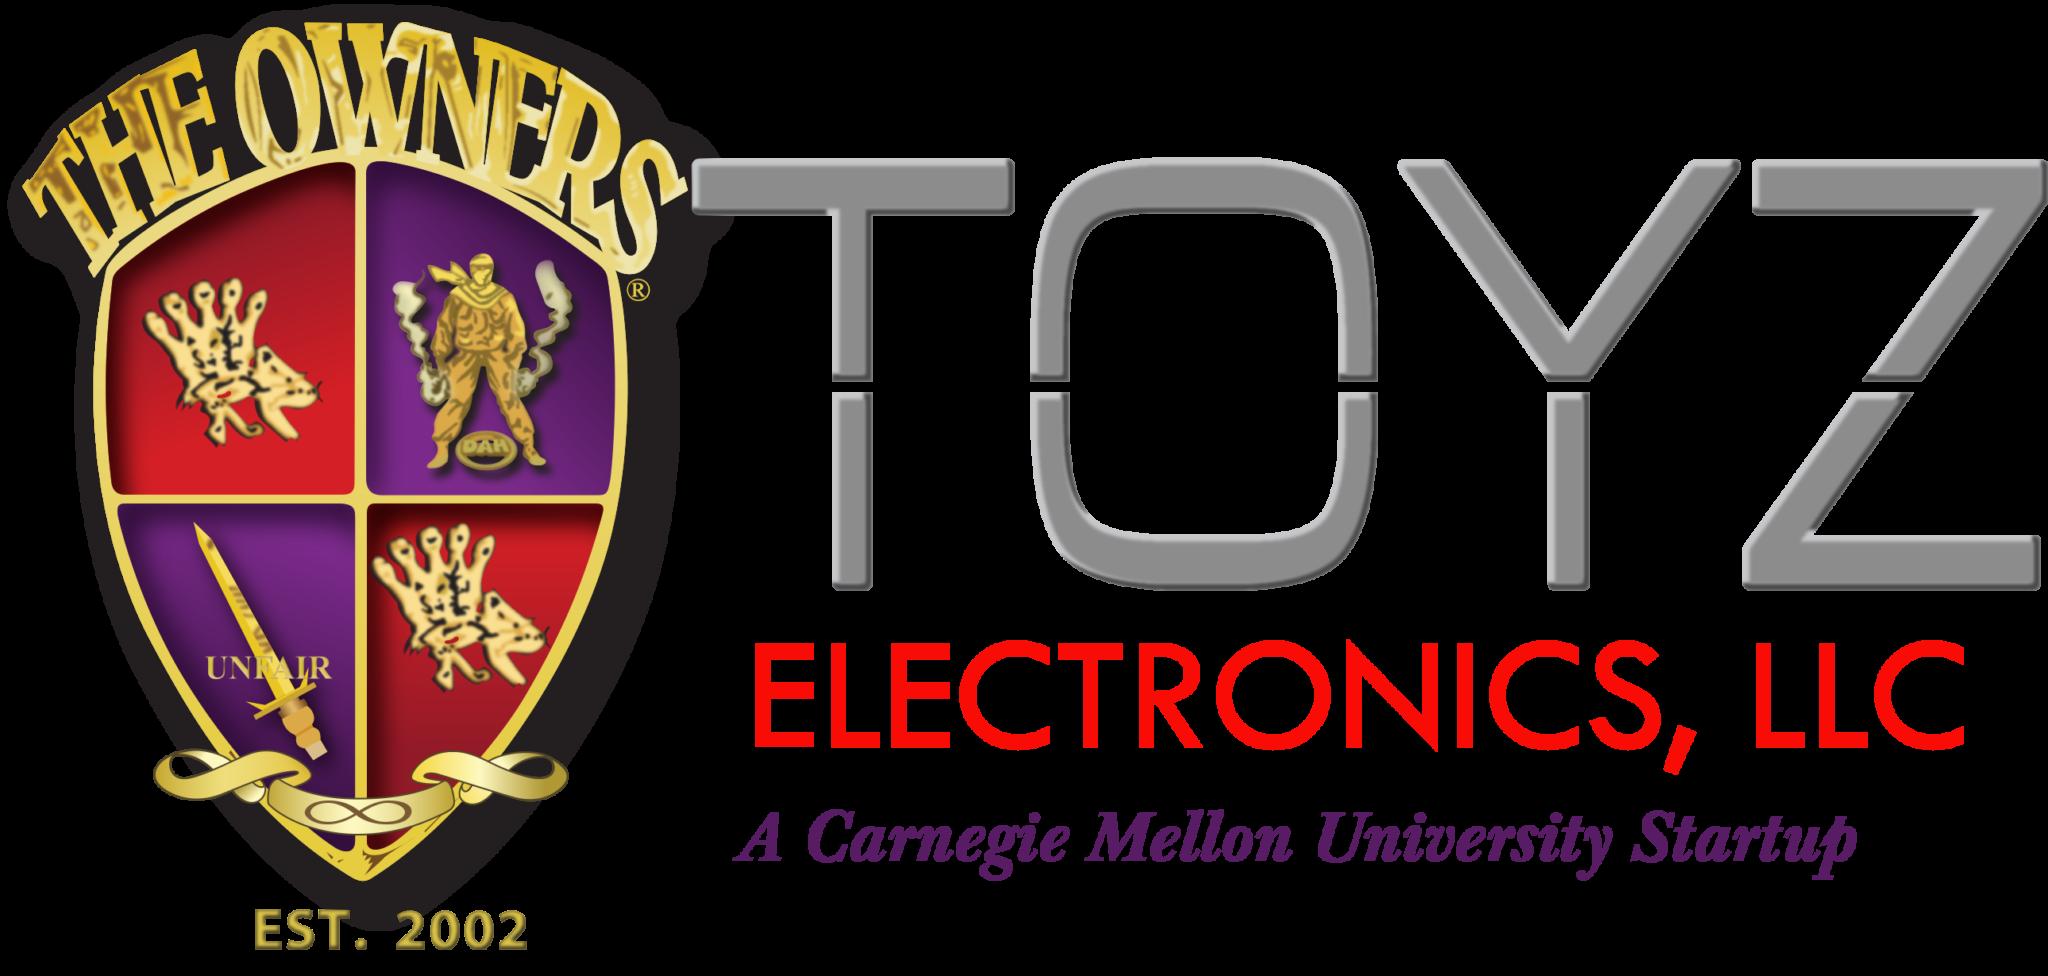 Toyz Electronics, LLC